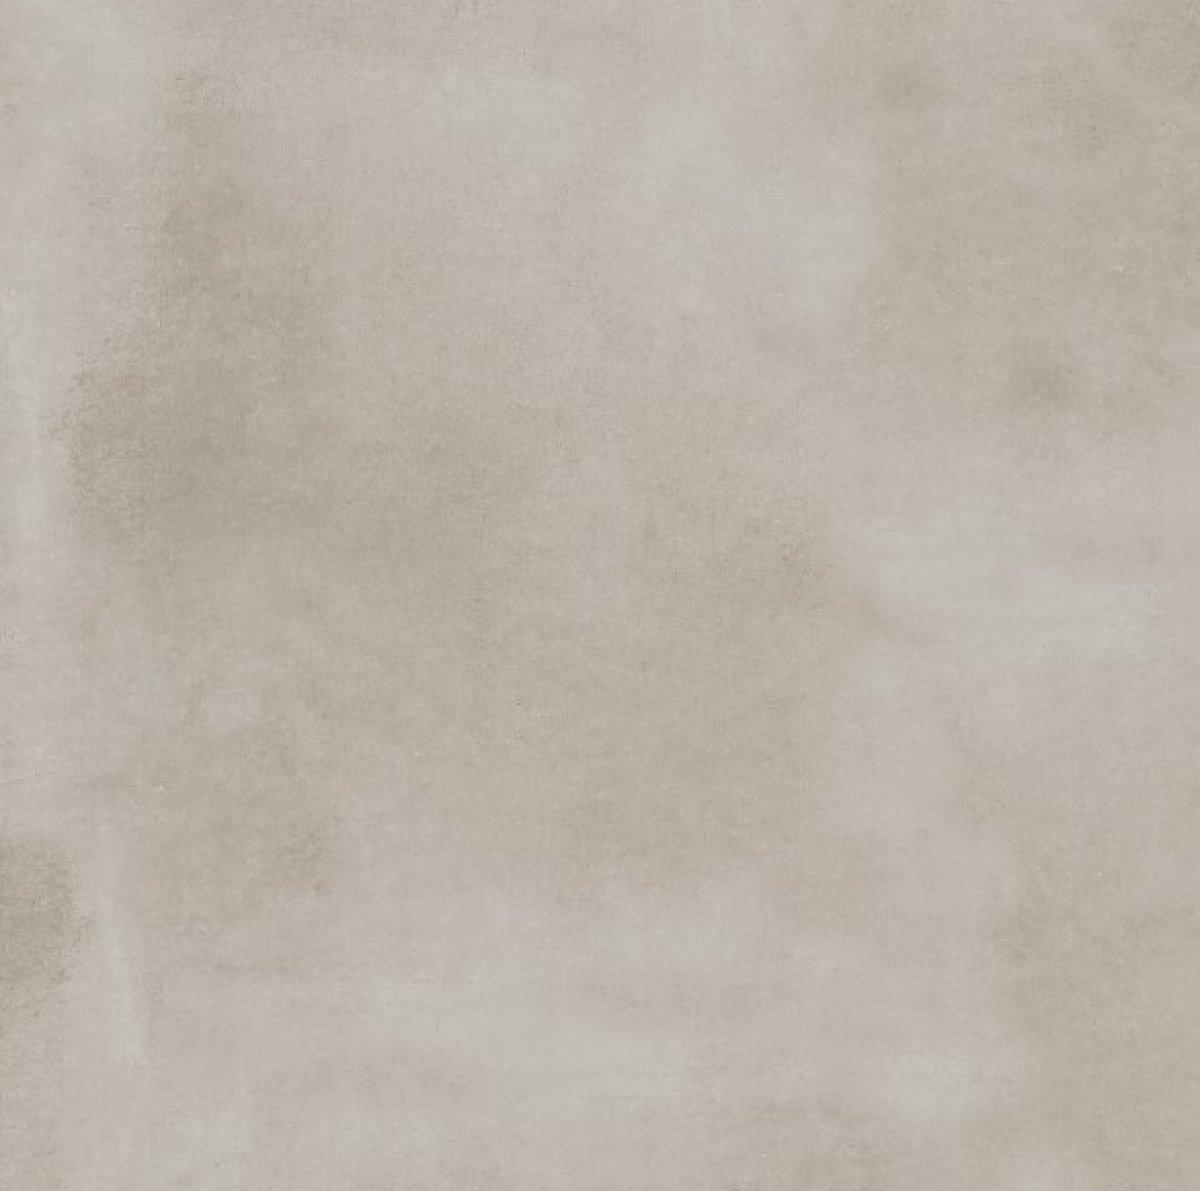 Płytka podłogowa Limone Town Soft Grey 60x60 limTowSofGre60x60